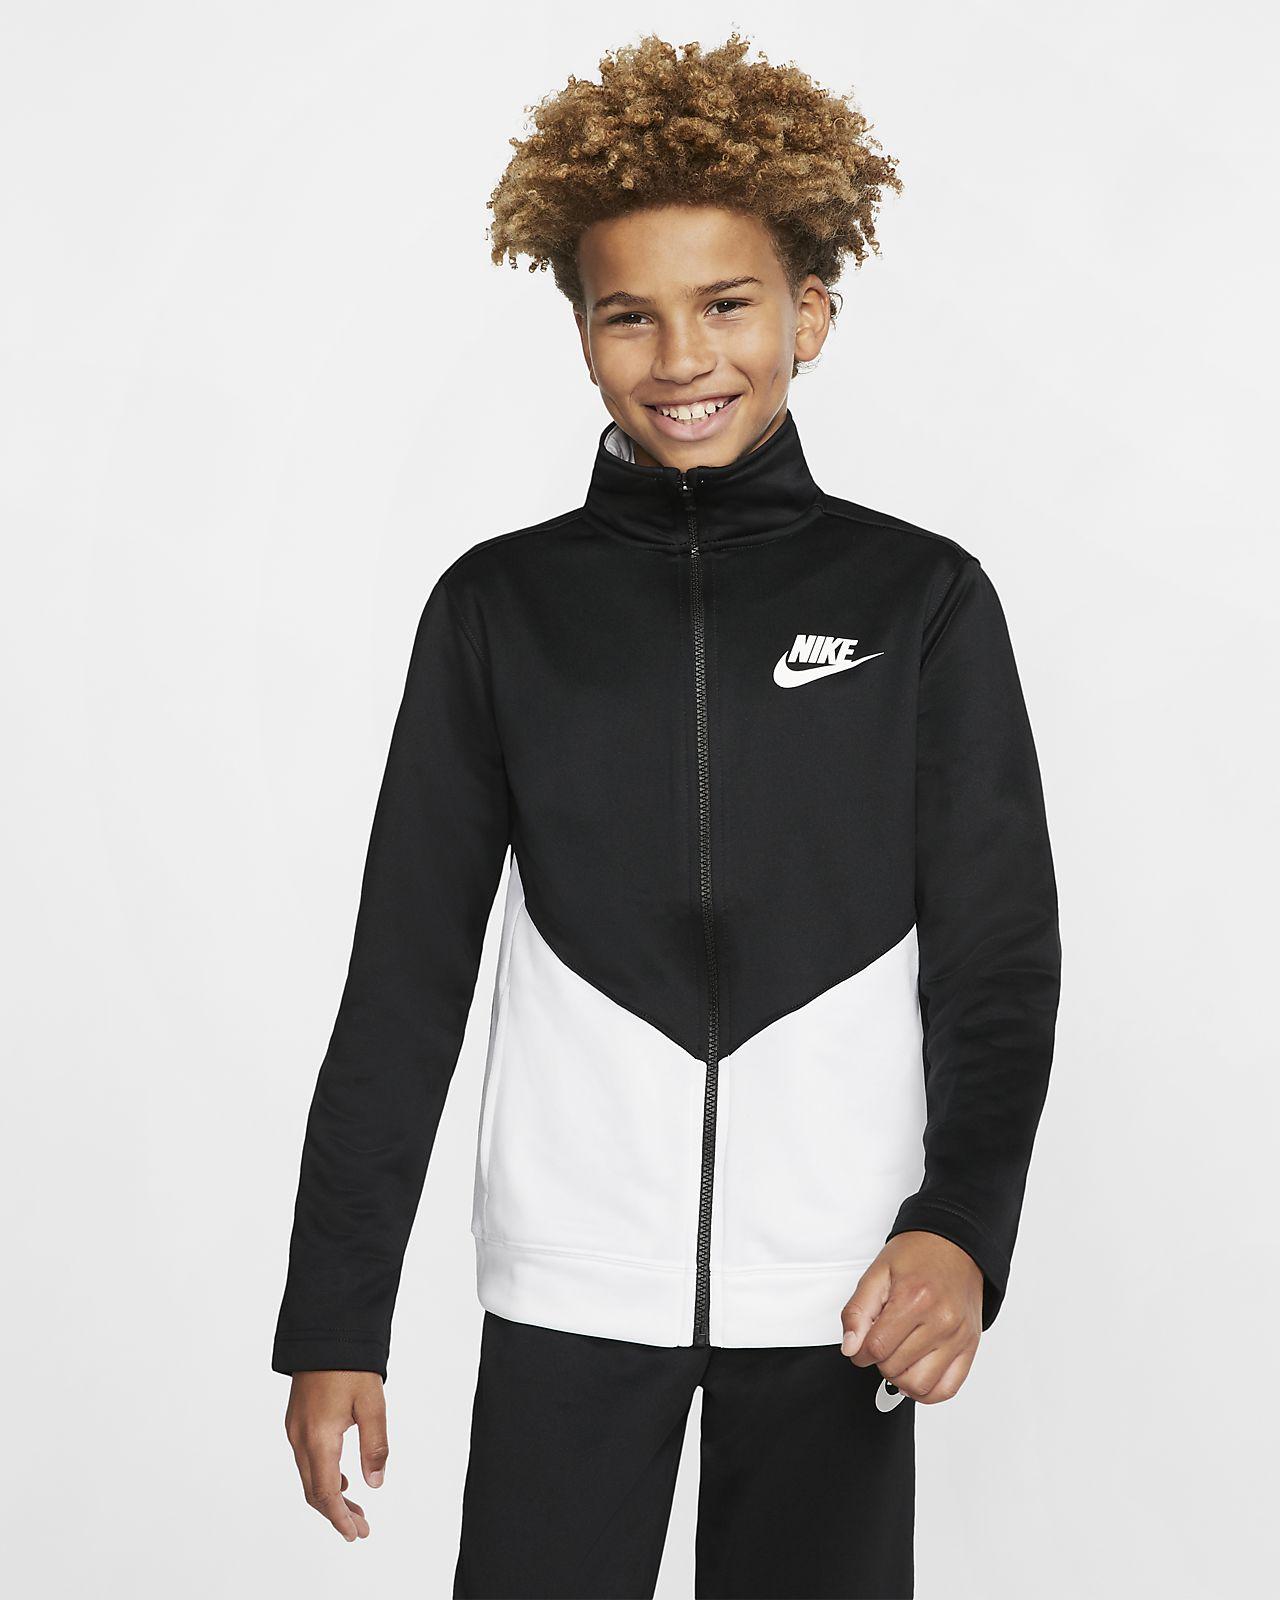 großer Rabattverkauf achten Sie auf suche nach original Nike Sportswear Trainingsanzug für ältere Kinder